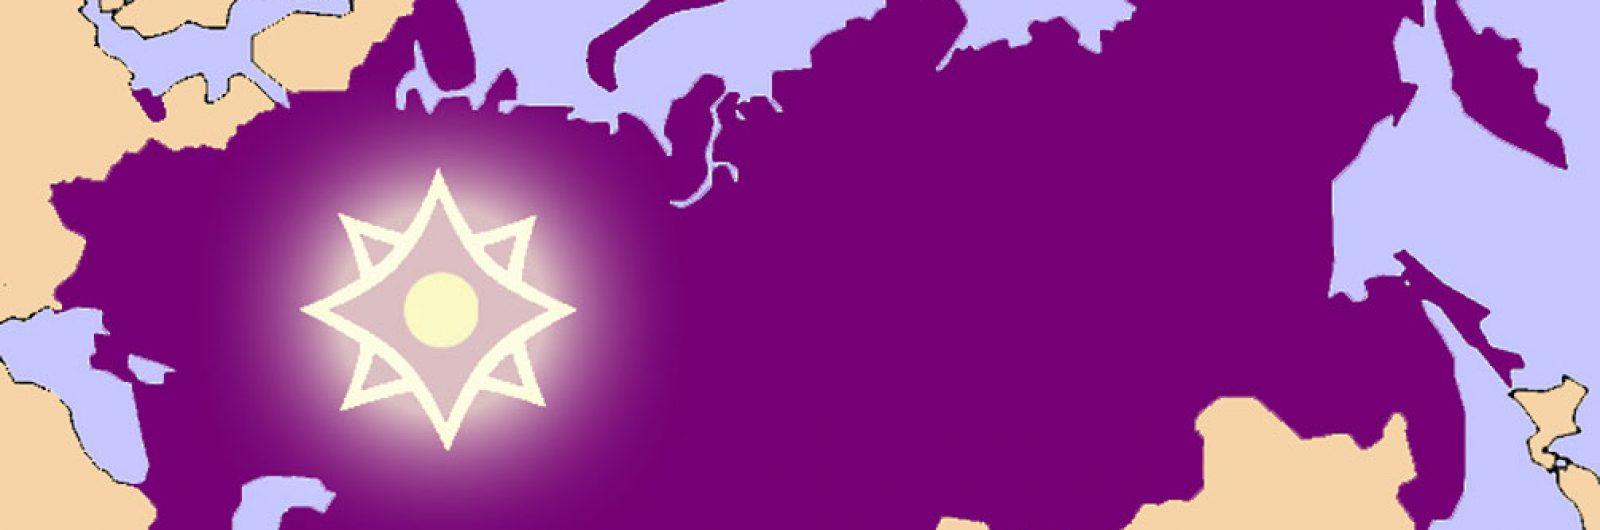 Формирование и продвижение идеологии евразийской интеграции на основе традиционных ценностей, эстафеты поколений и сохранения памяти Победы»